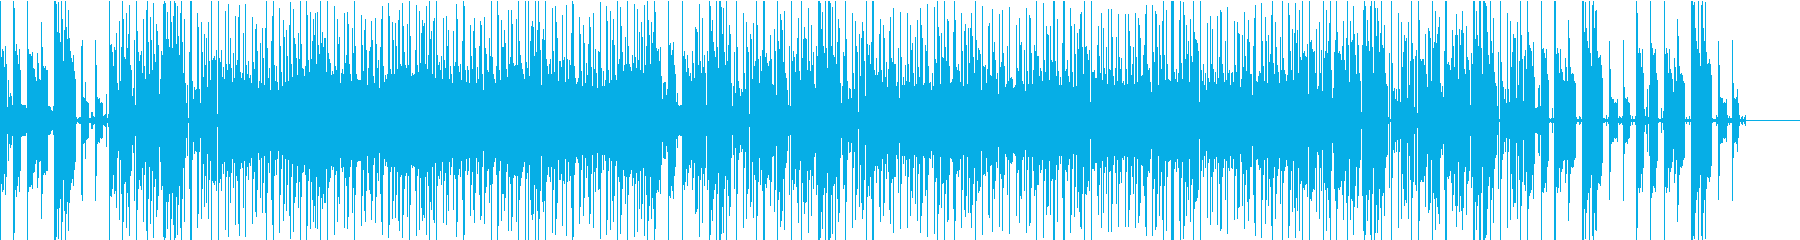 印象的なギターが特徴のHIPHOPの再生済みの波形